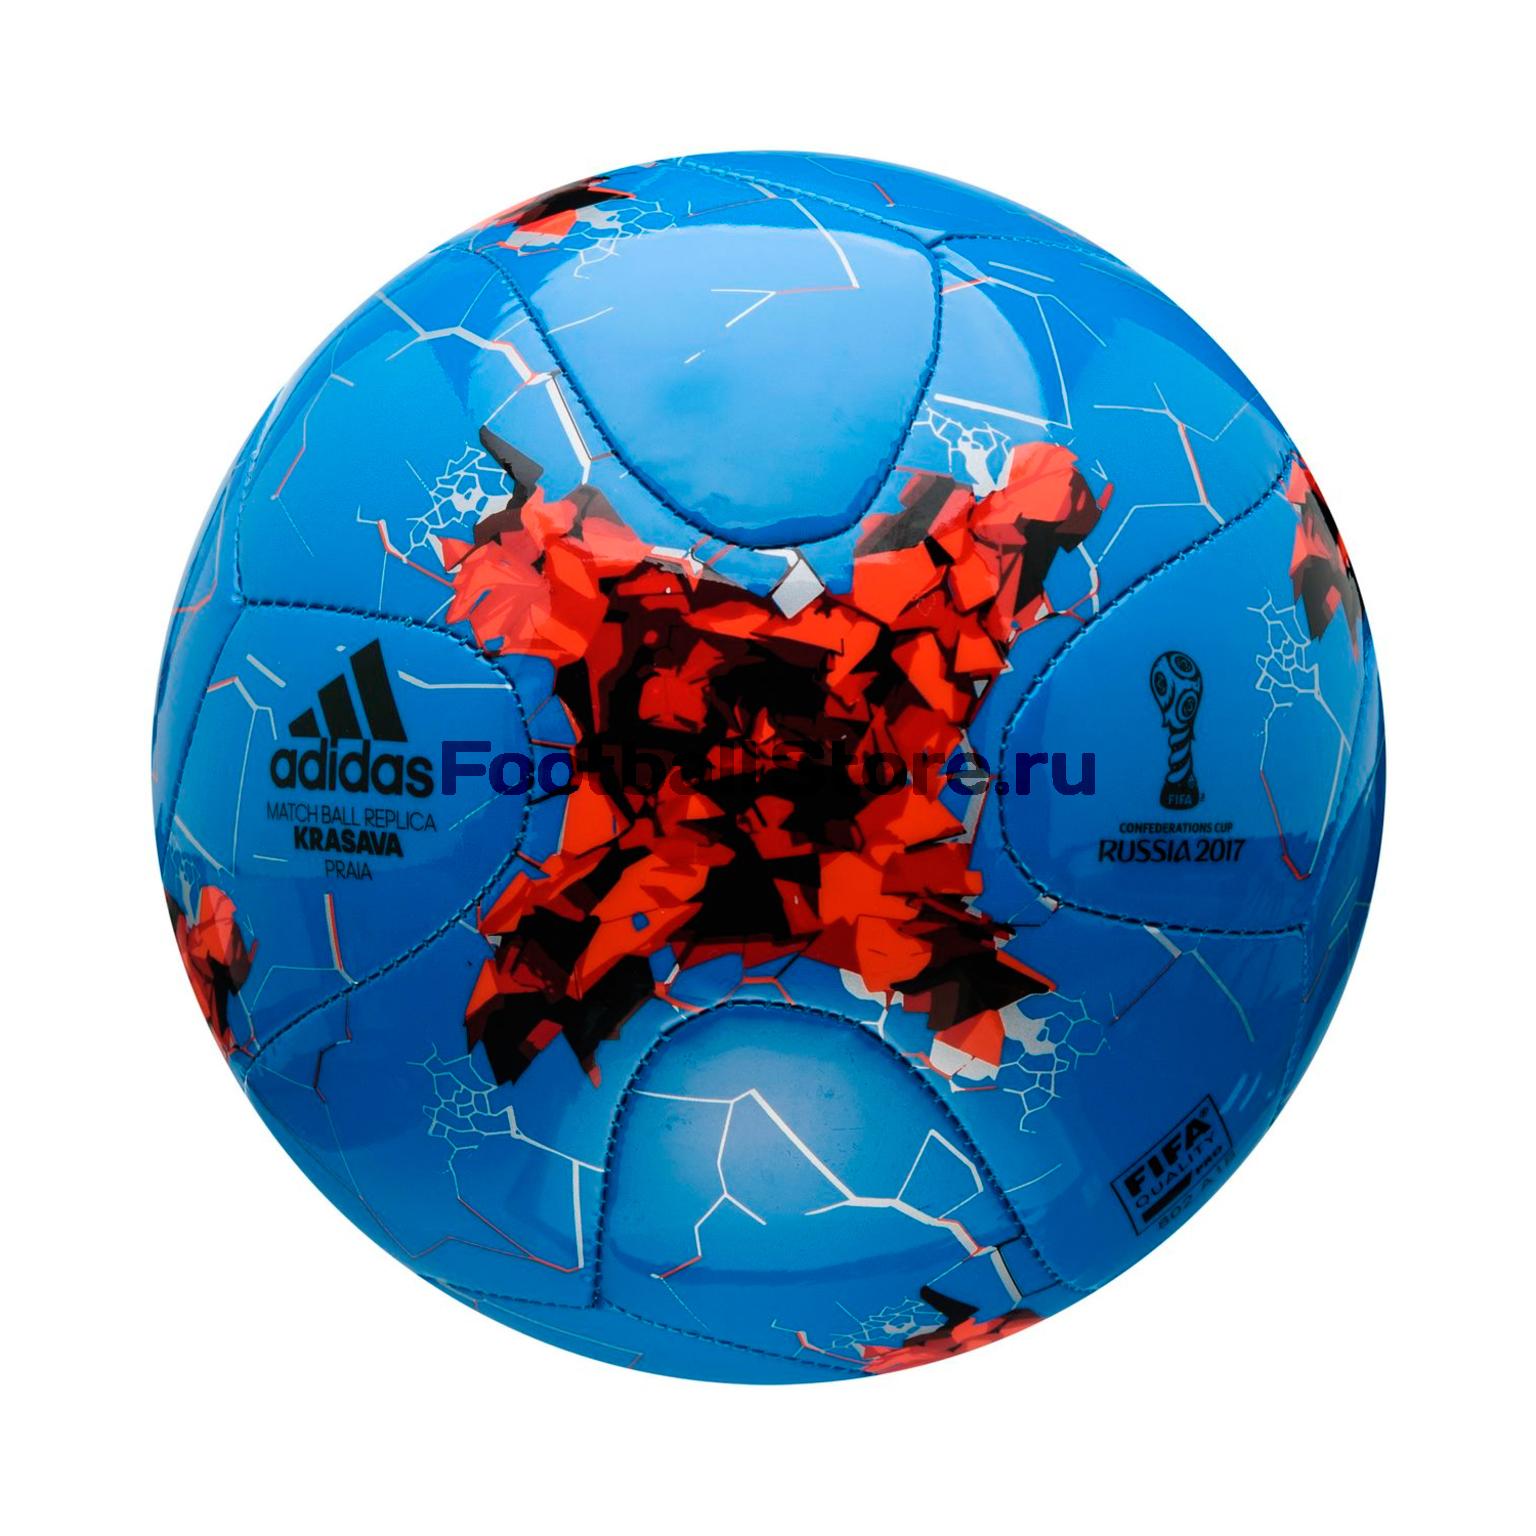 цены Классические Adidas Мяч для пляжного футбола Adidas Confederations Cup Praia KRASAVA AZ3196